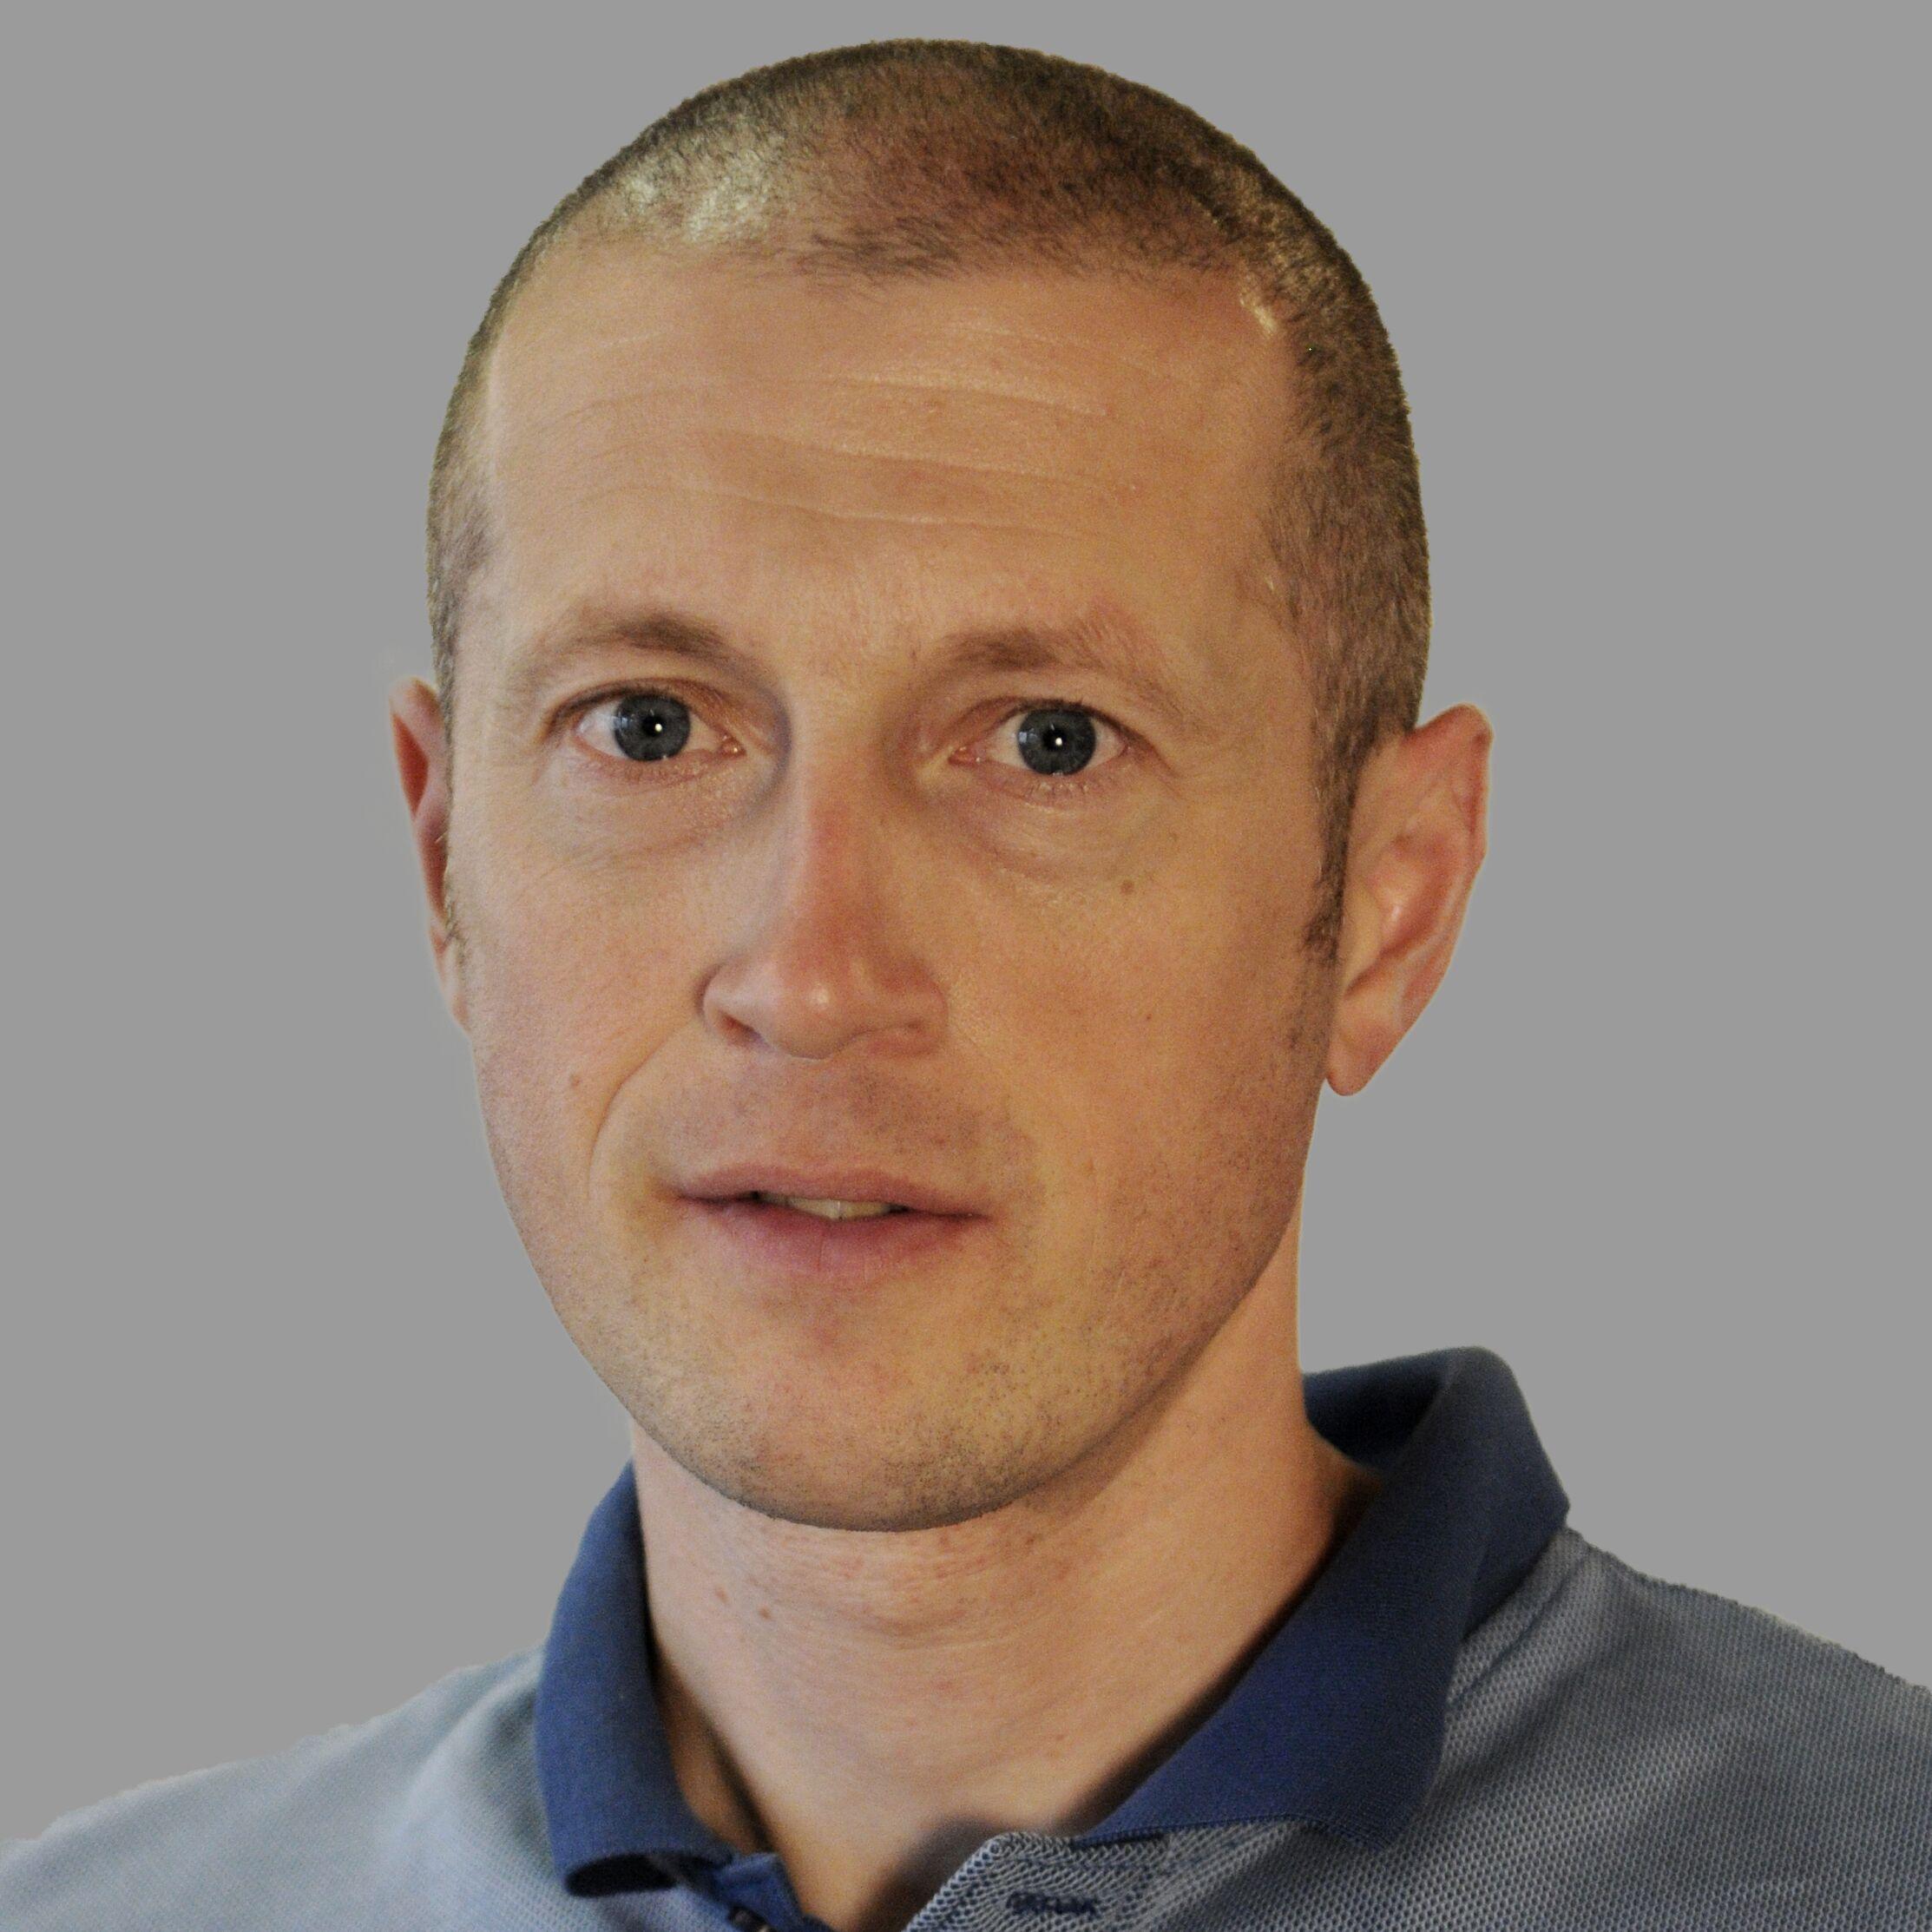 Никита Миронов, обозреватель: Сохранить настроение